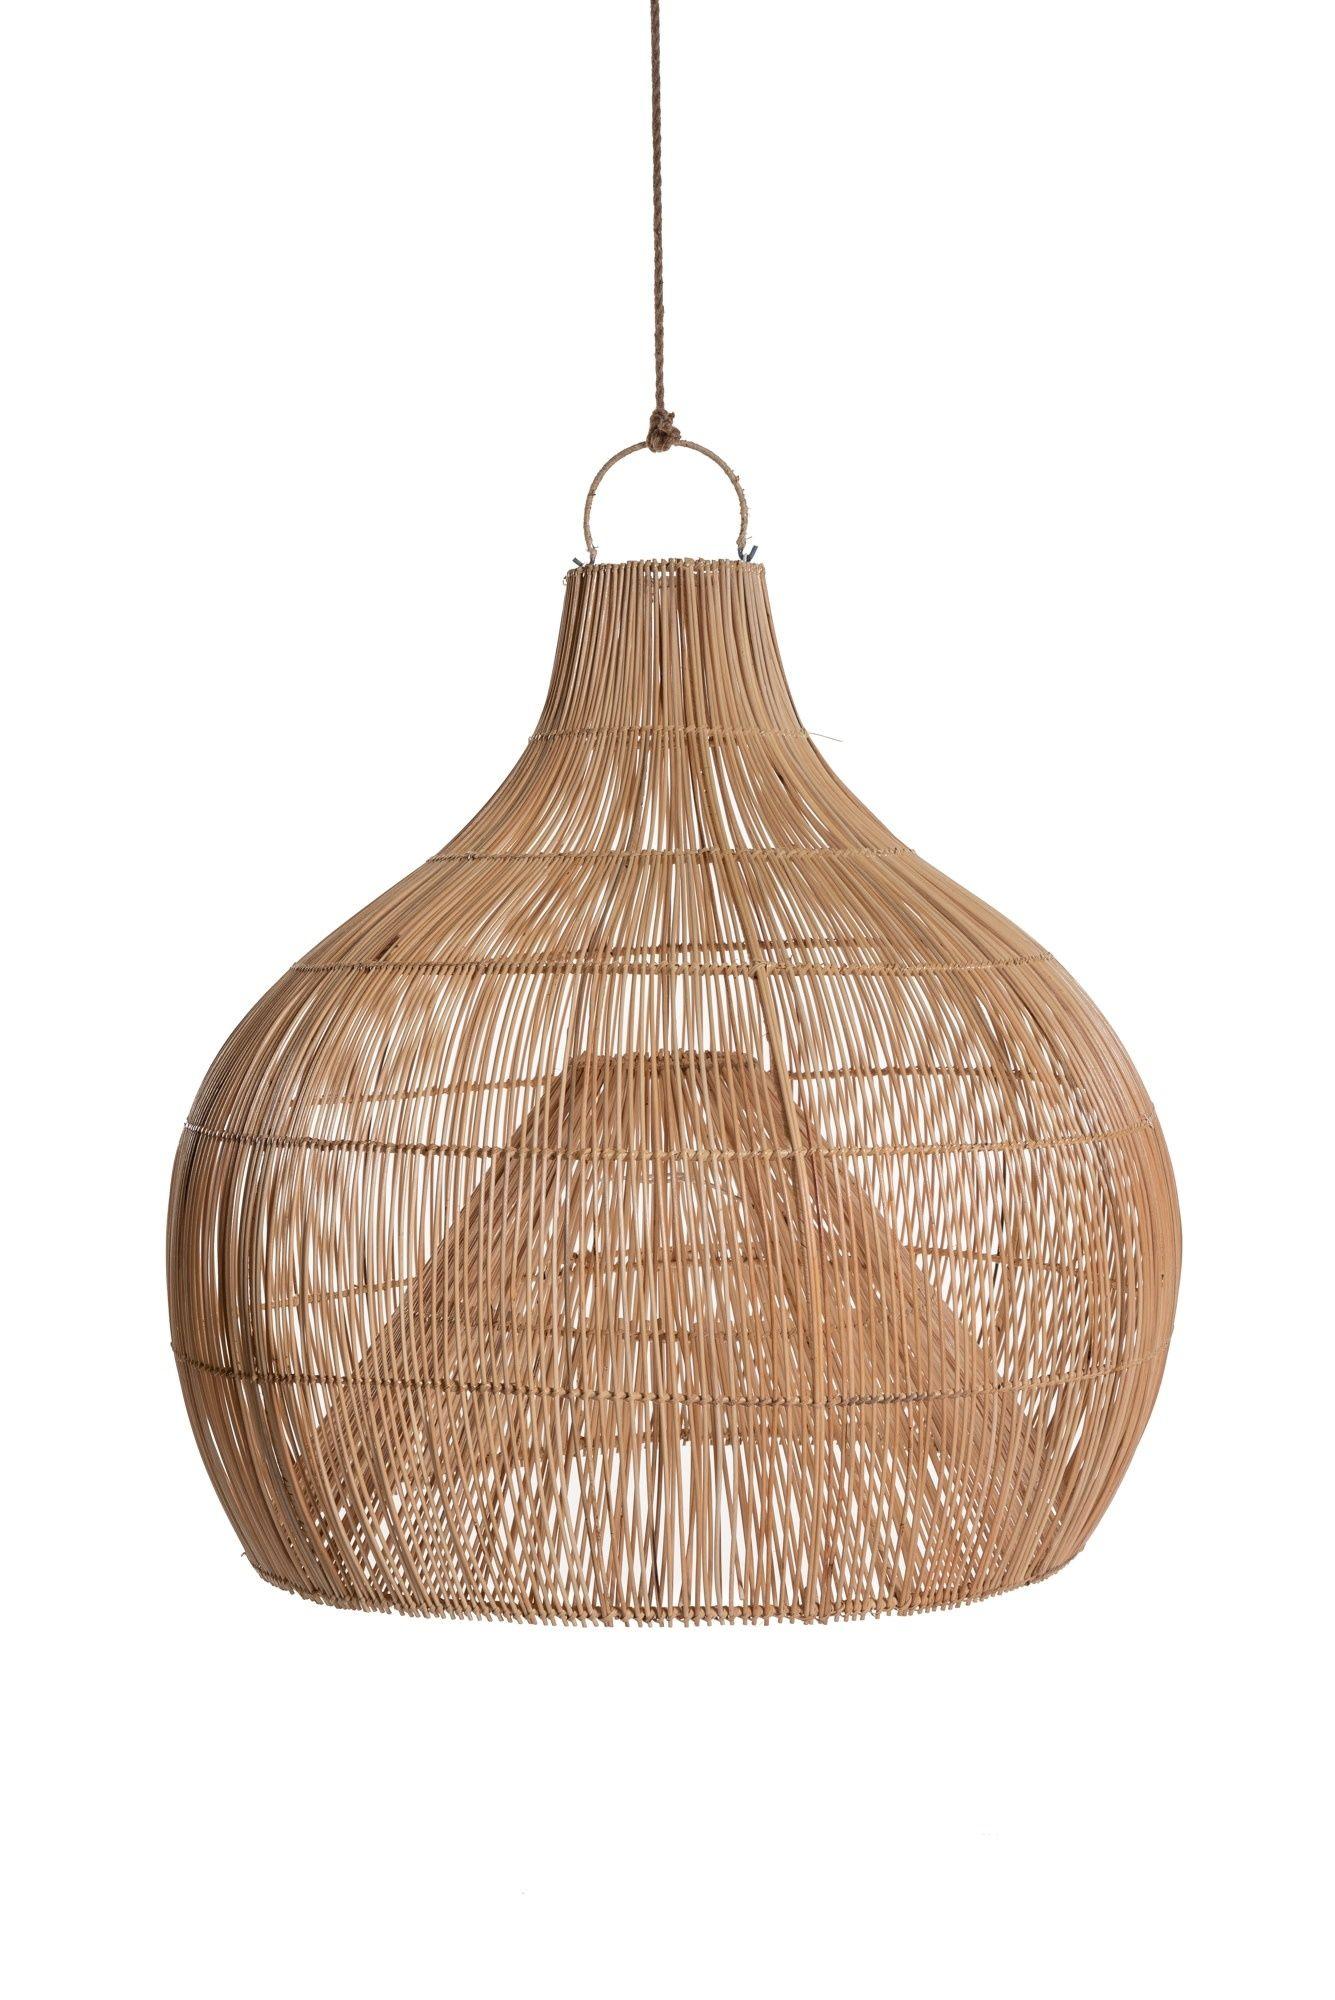 Wij Hebben Het Product Online Ontdek Ons Assortiment Op De Vernieuwde Webshop 24 7 Shoppen Bring The World Into Your Home 32 0 9 229 In 2020 Lampen Interieur